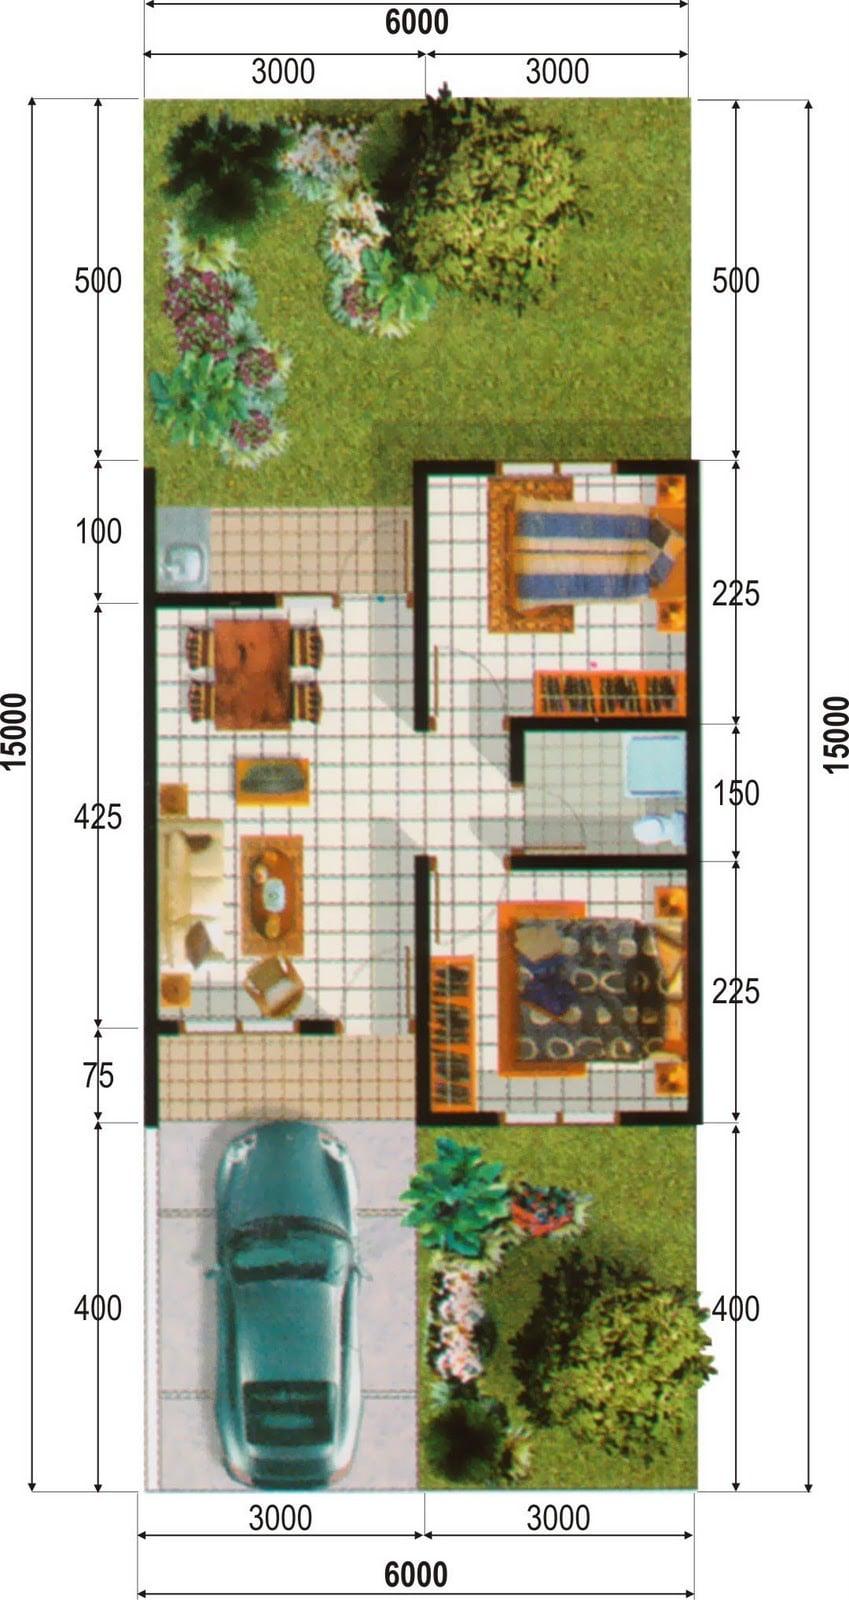 35 Arsitektur Desain Rumah Minimalis Type 36 Luas Tanah 90 ...